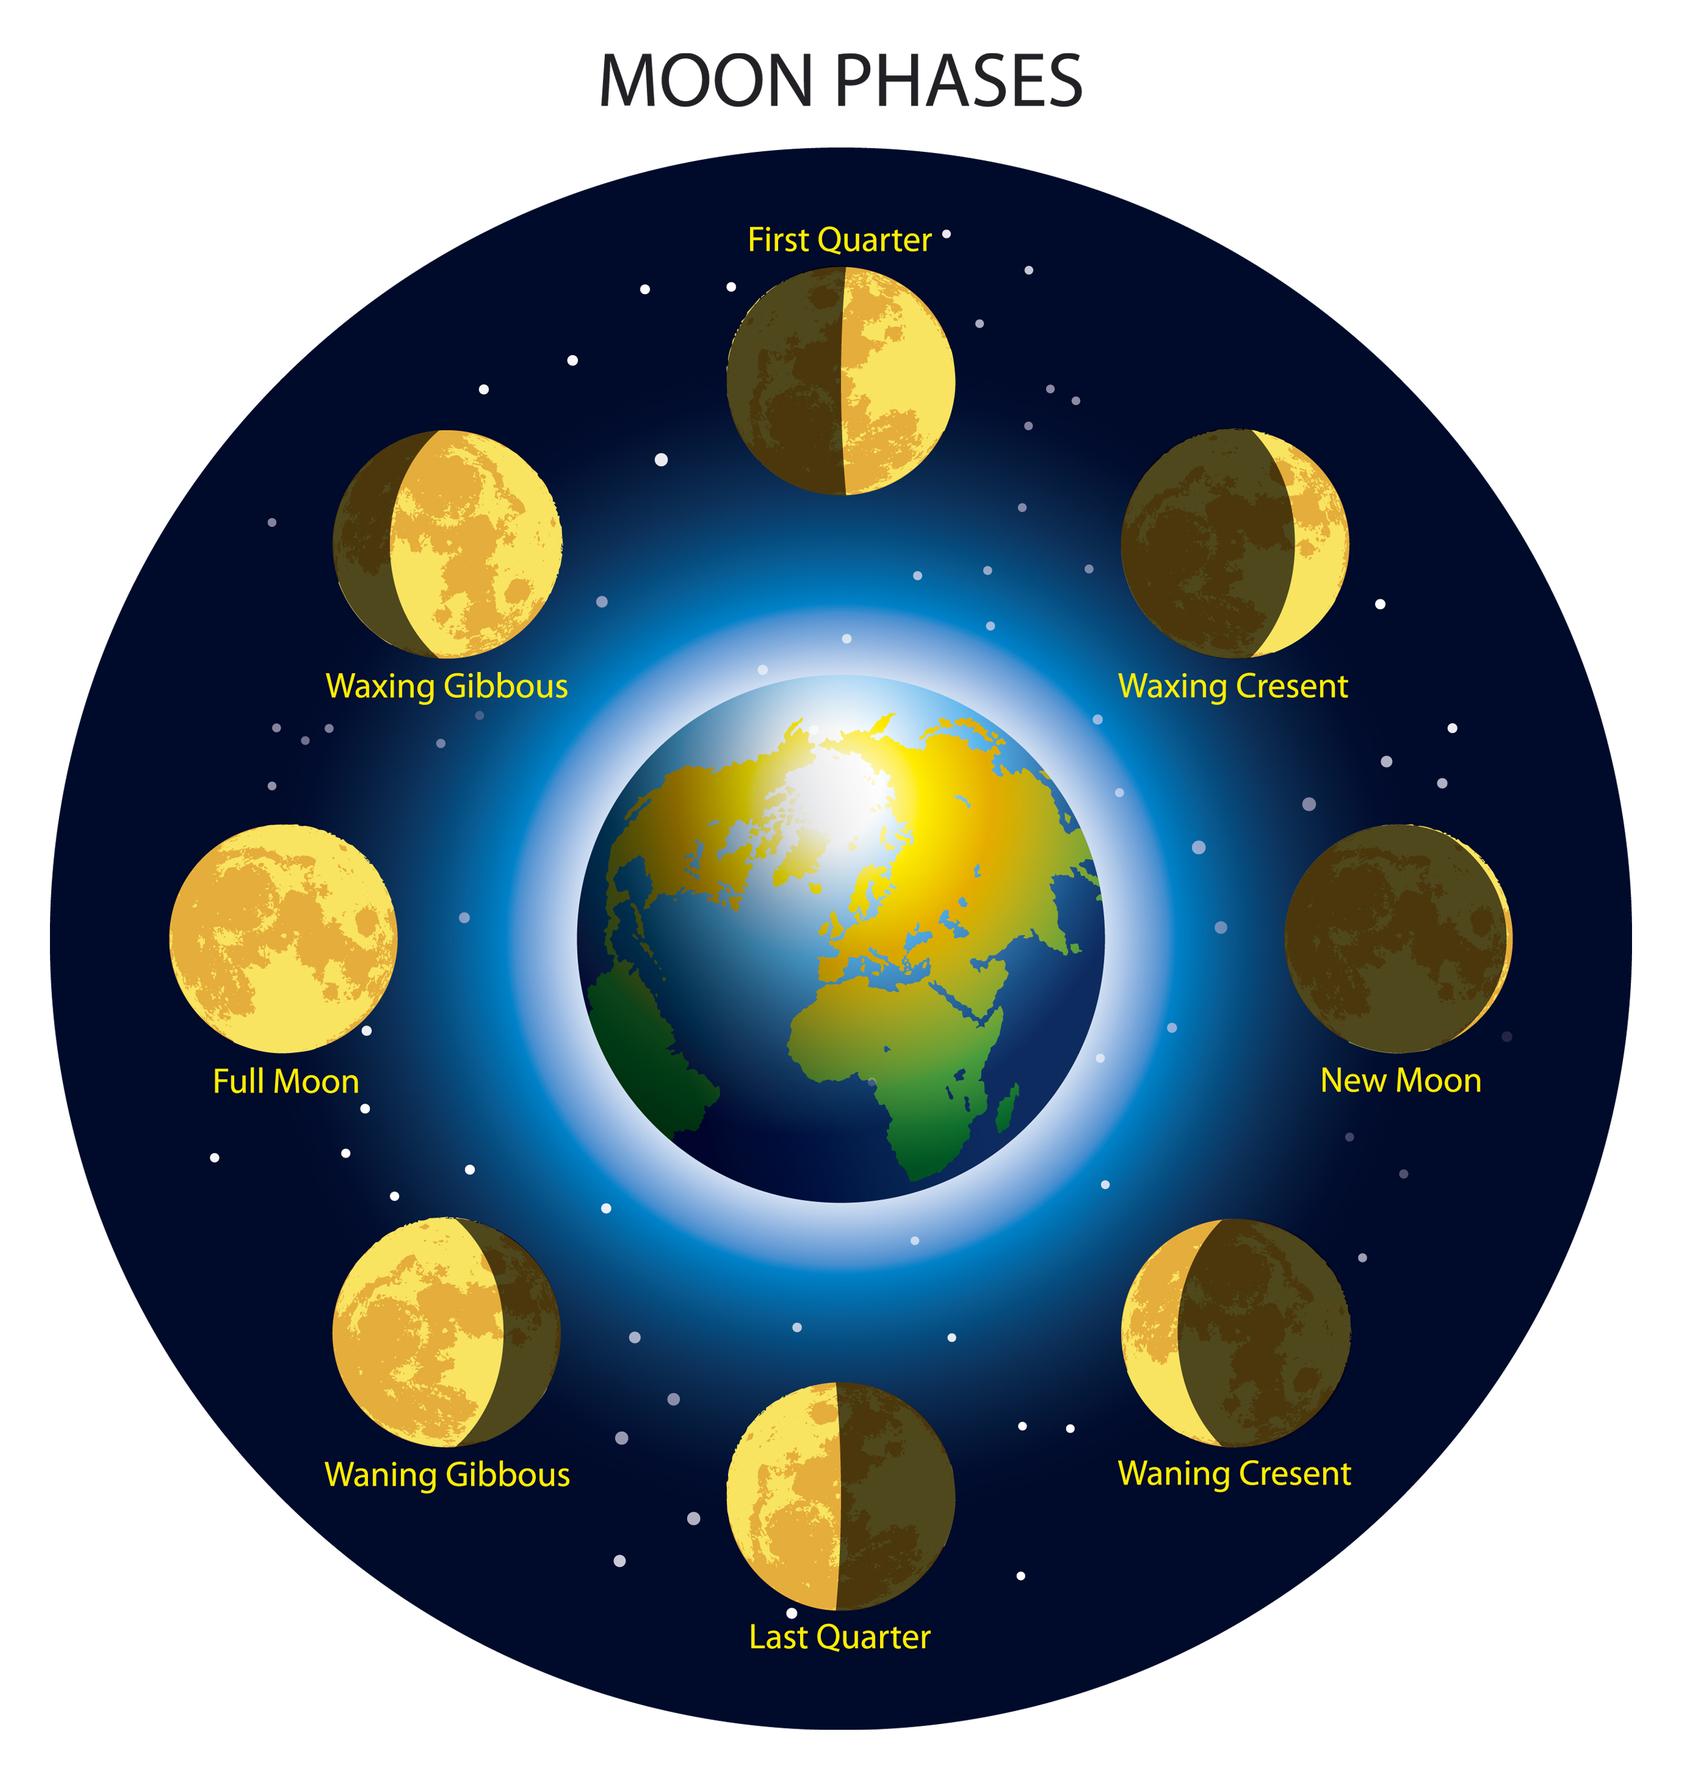 против яка фаза місяця сьогодні можно подарить